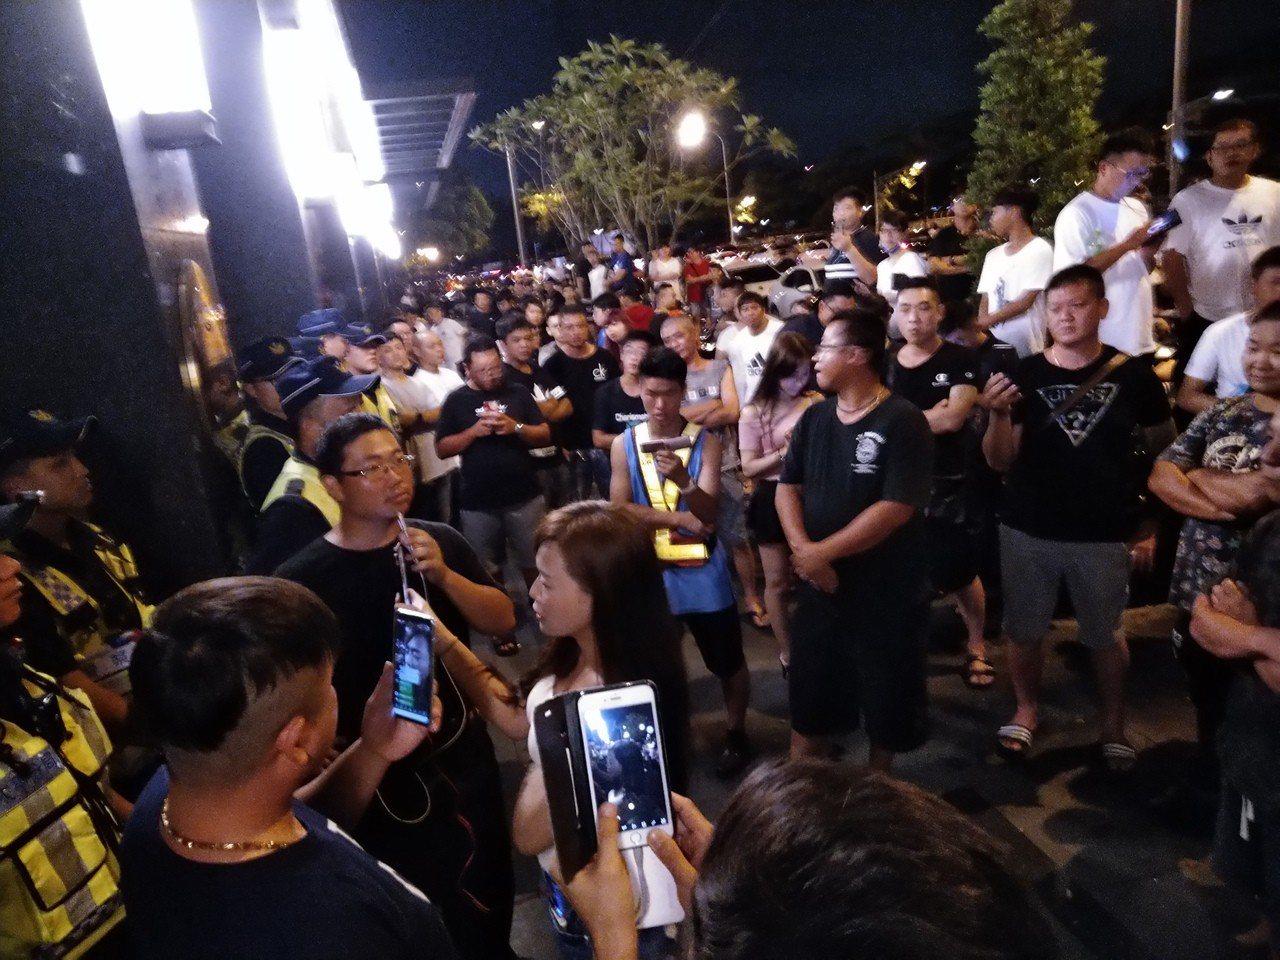 鄉民和警在大樓前對峙。記者黃寅/攝影